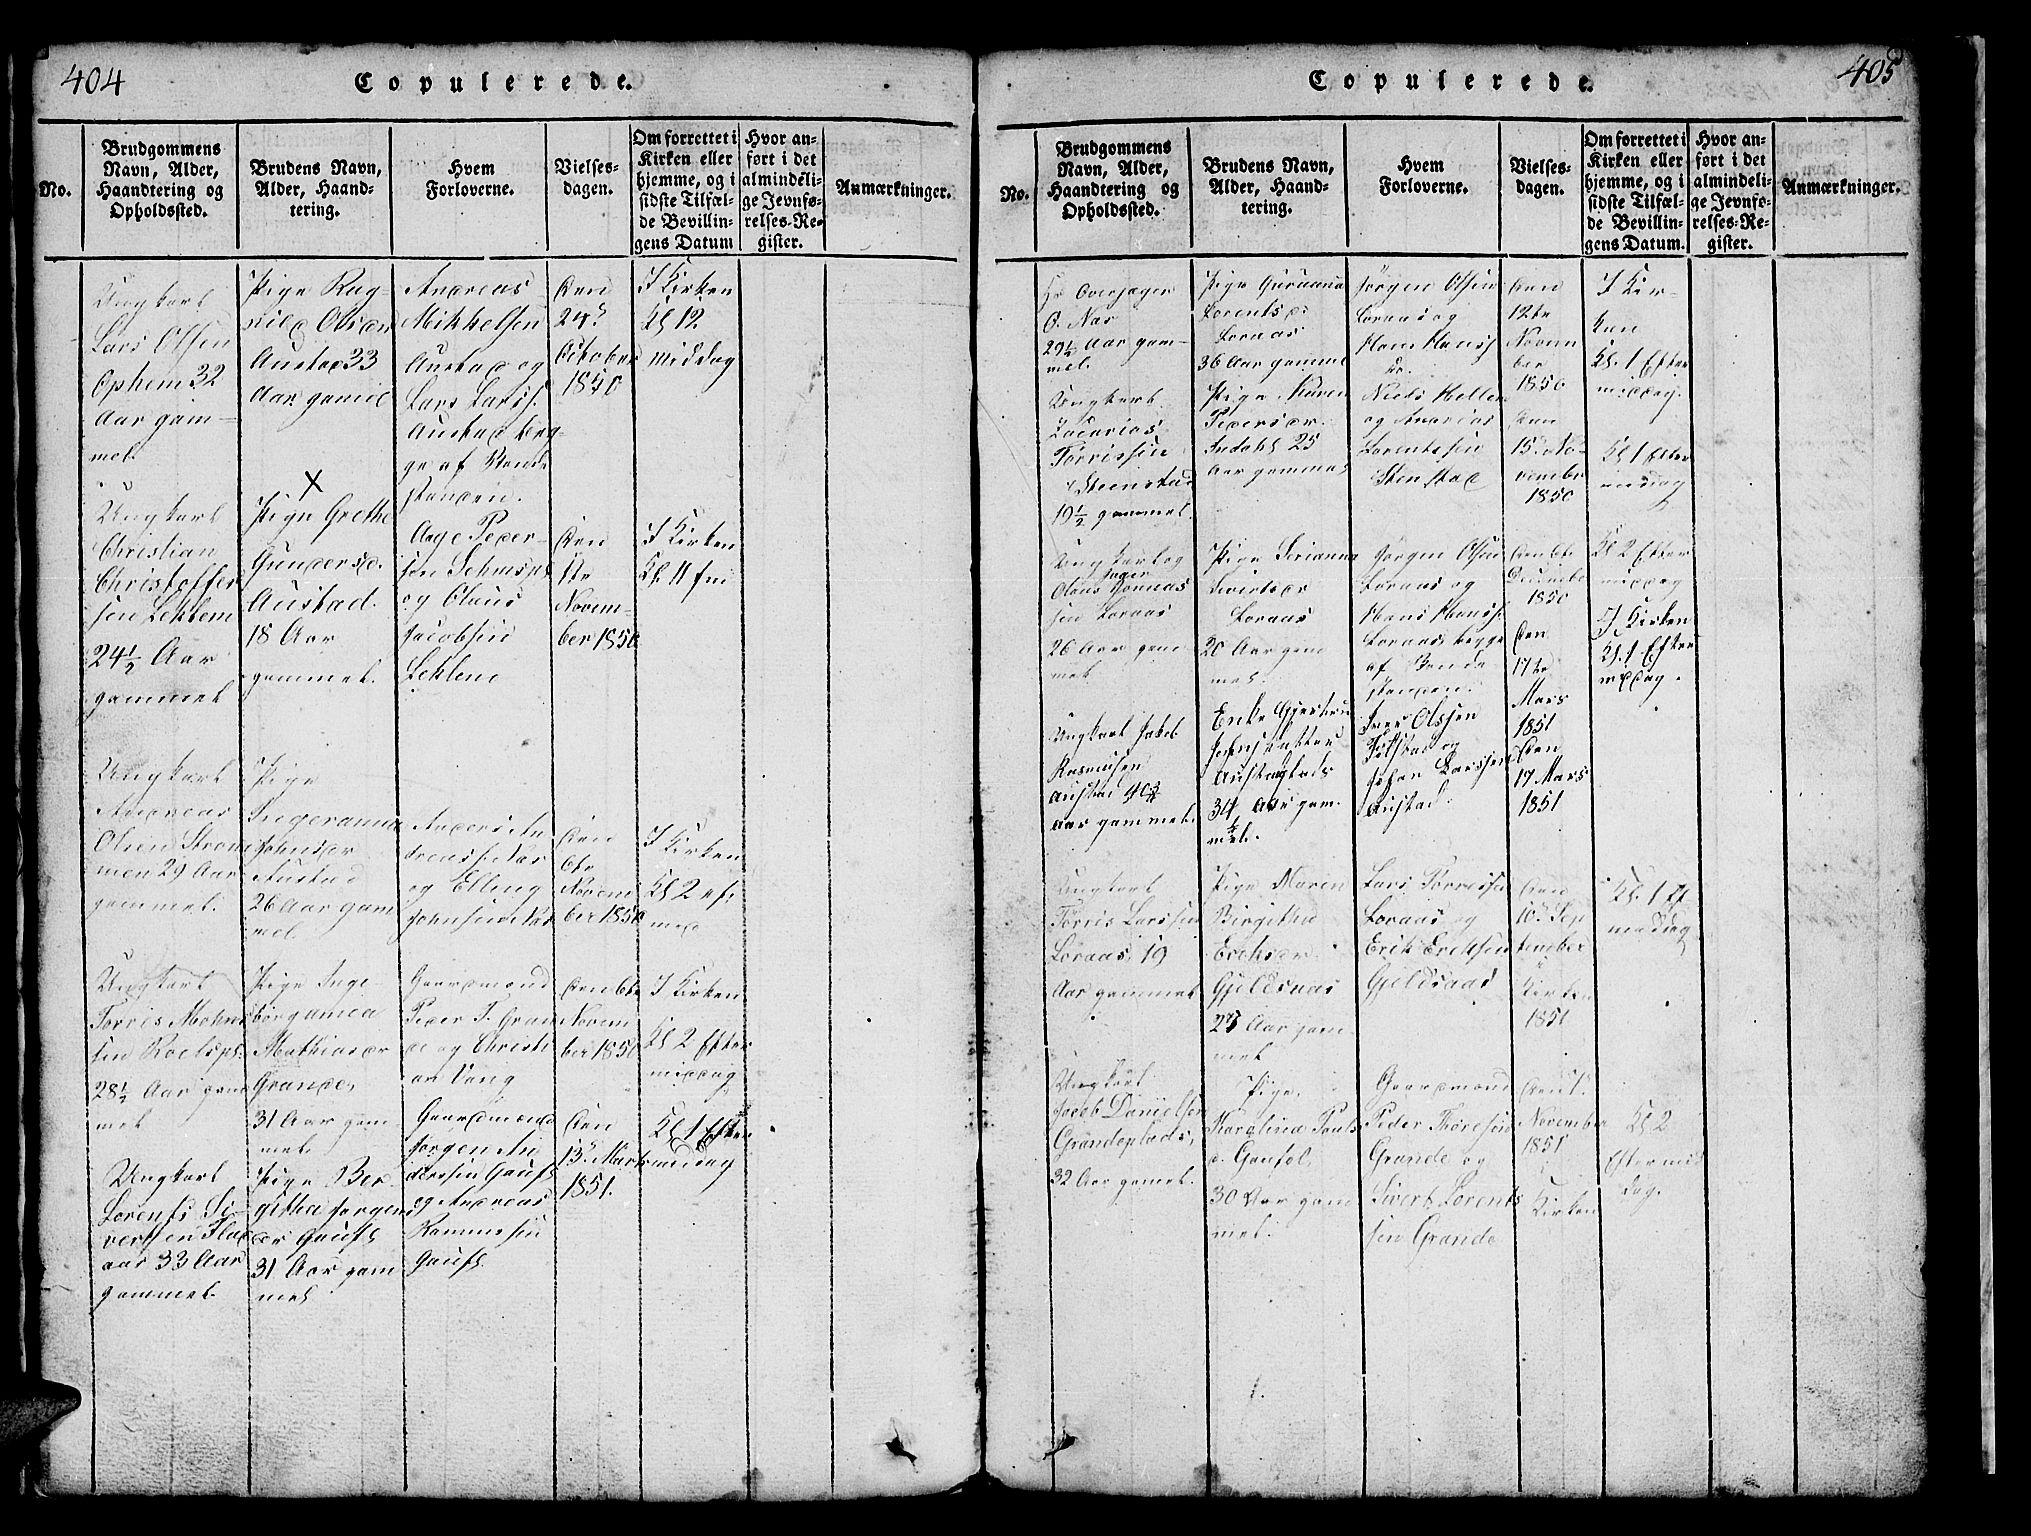 SAT, Ministerialprotokoller, klokkerbøker og fødselsregistre - Nord-Trøndelag, 731/L0310: Klokkerbok nr. 731C01, 1816-1874, s. 404-405